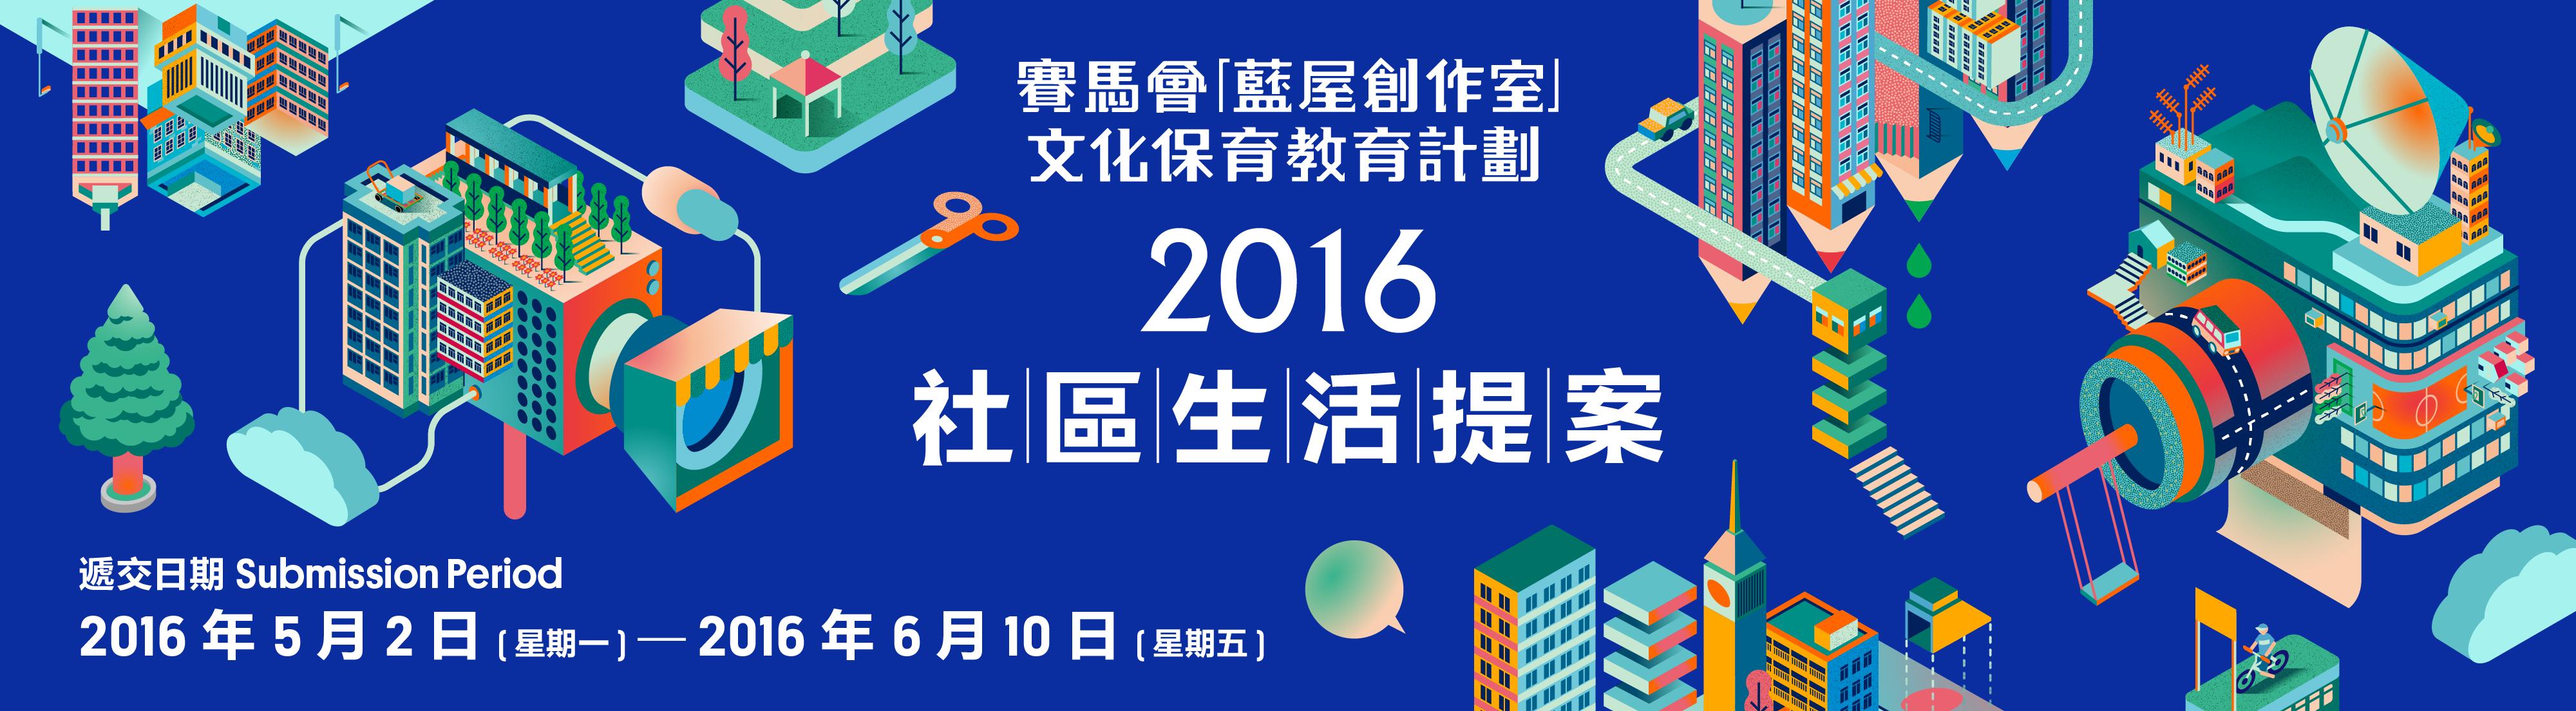 2016社區生活提案